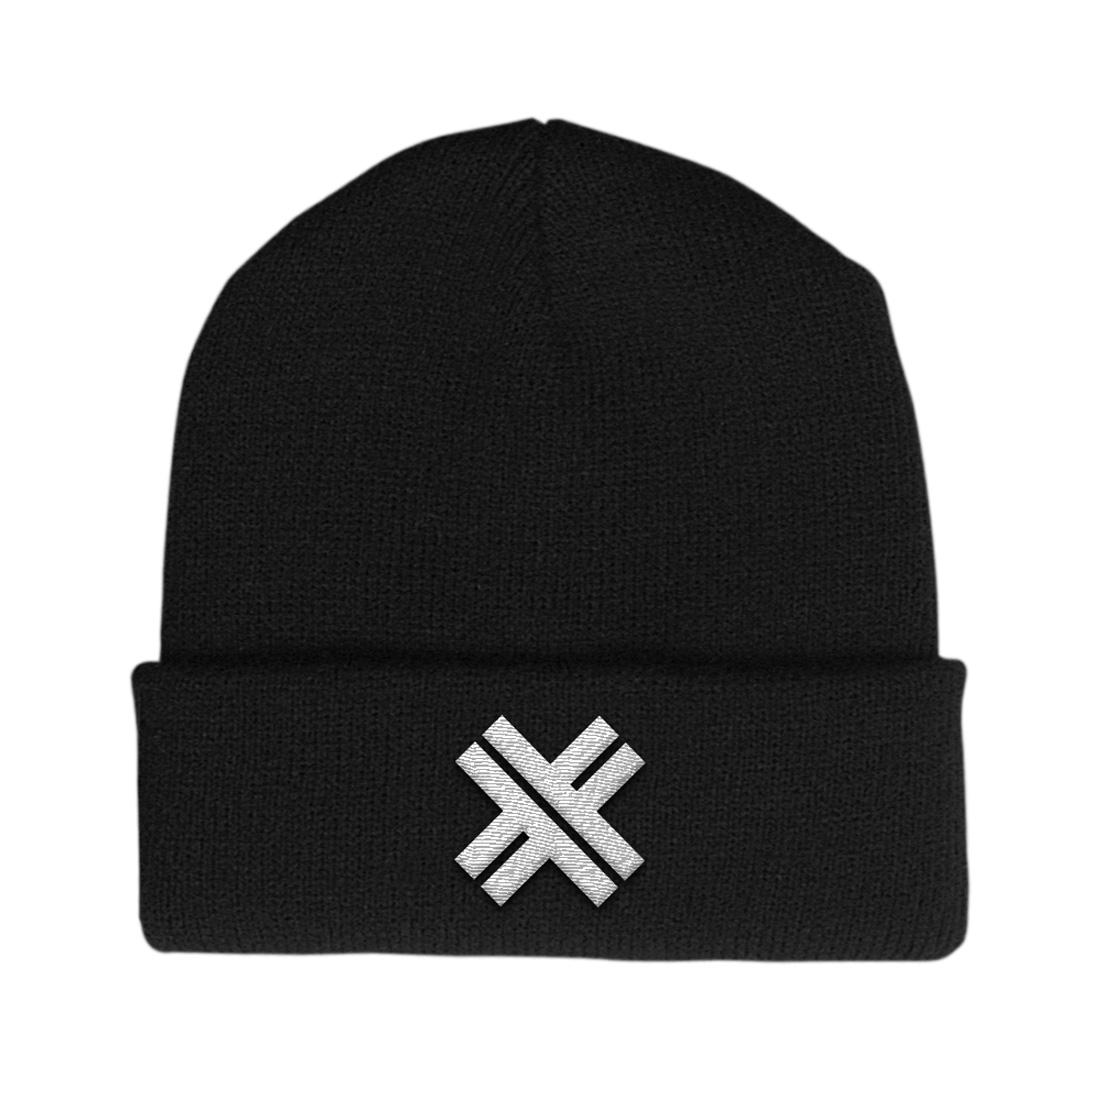 X Logo von Eskimo Callboy - Beanie jetzt im Bravado Shop